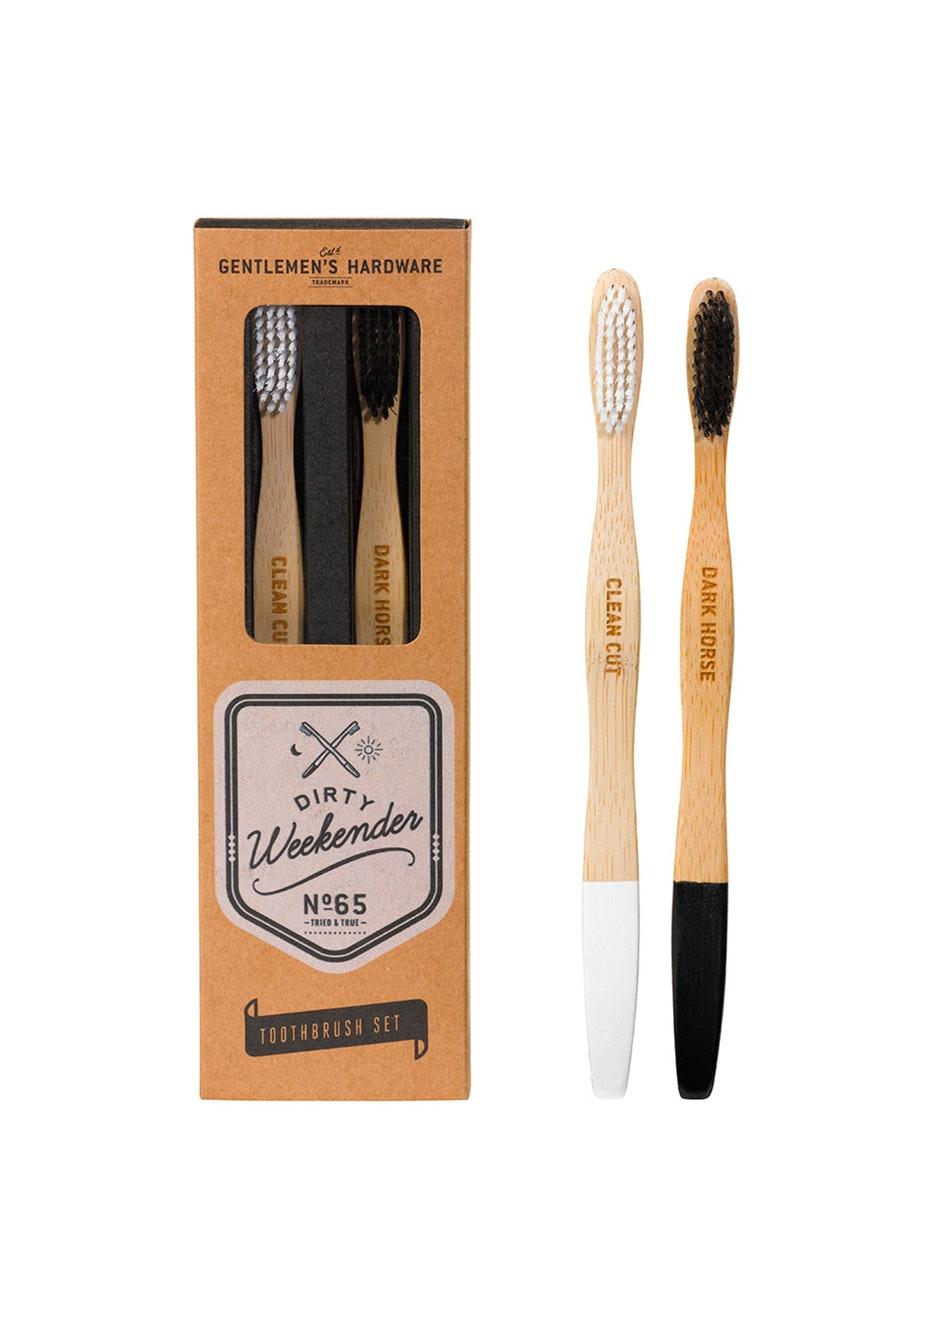 Gents Hardware - Toothbrush Set